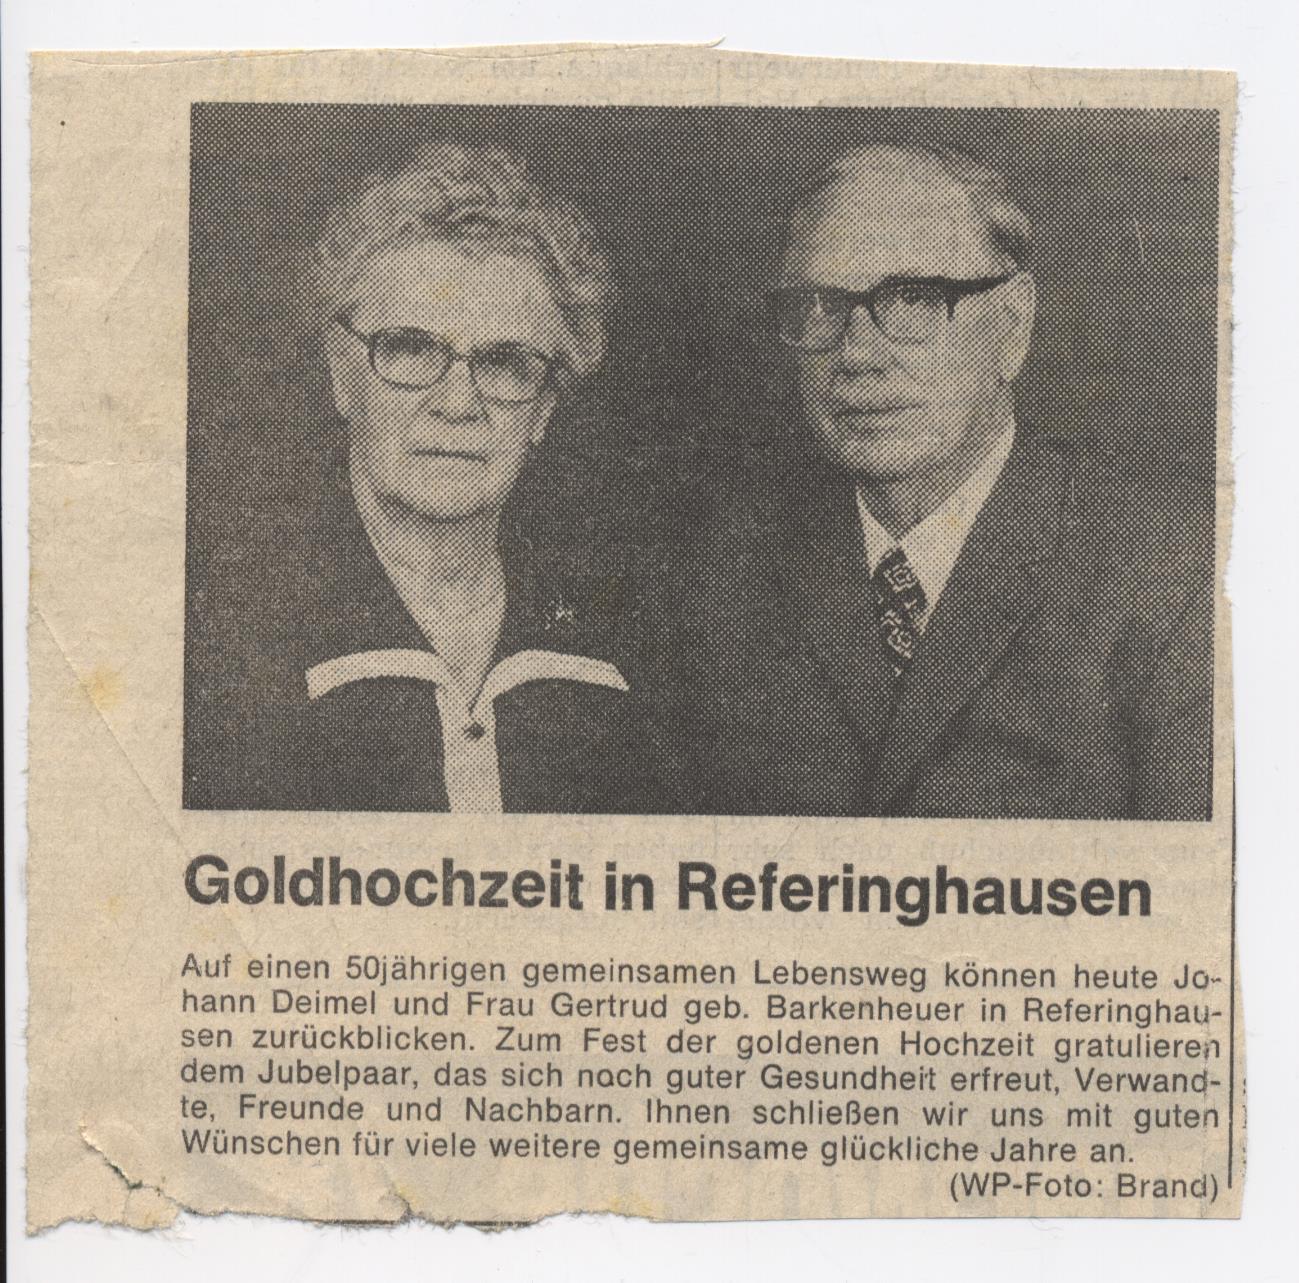 Goldhochzeit